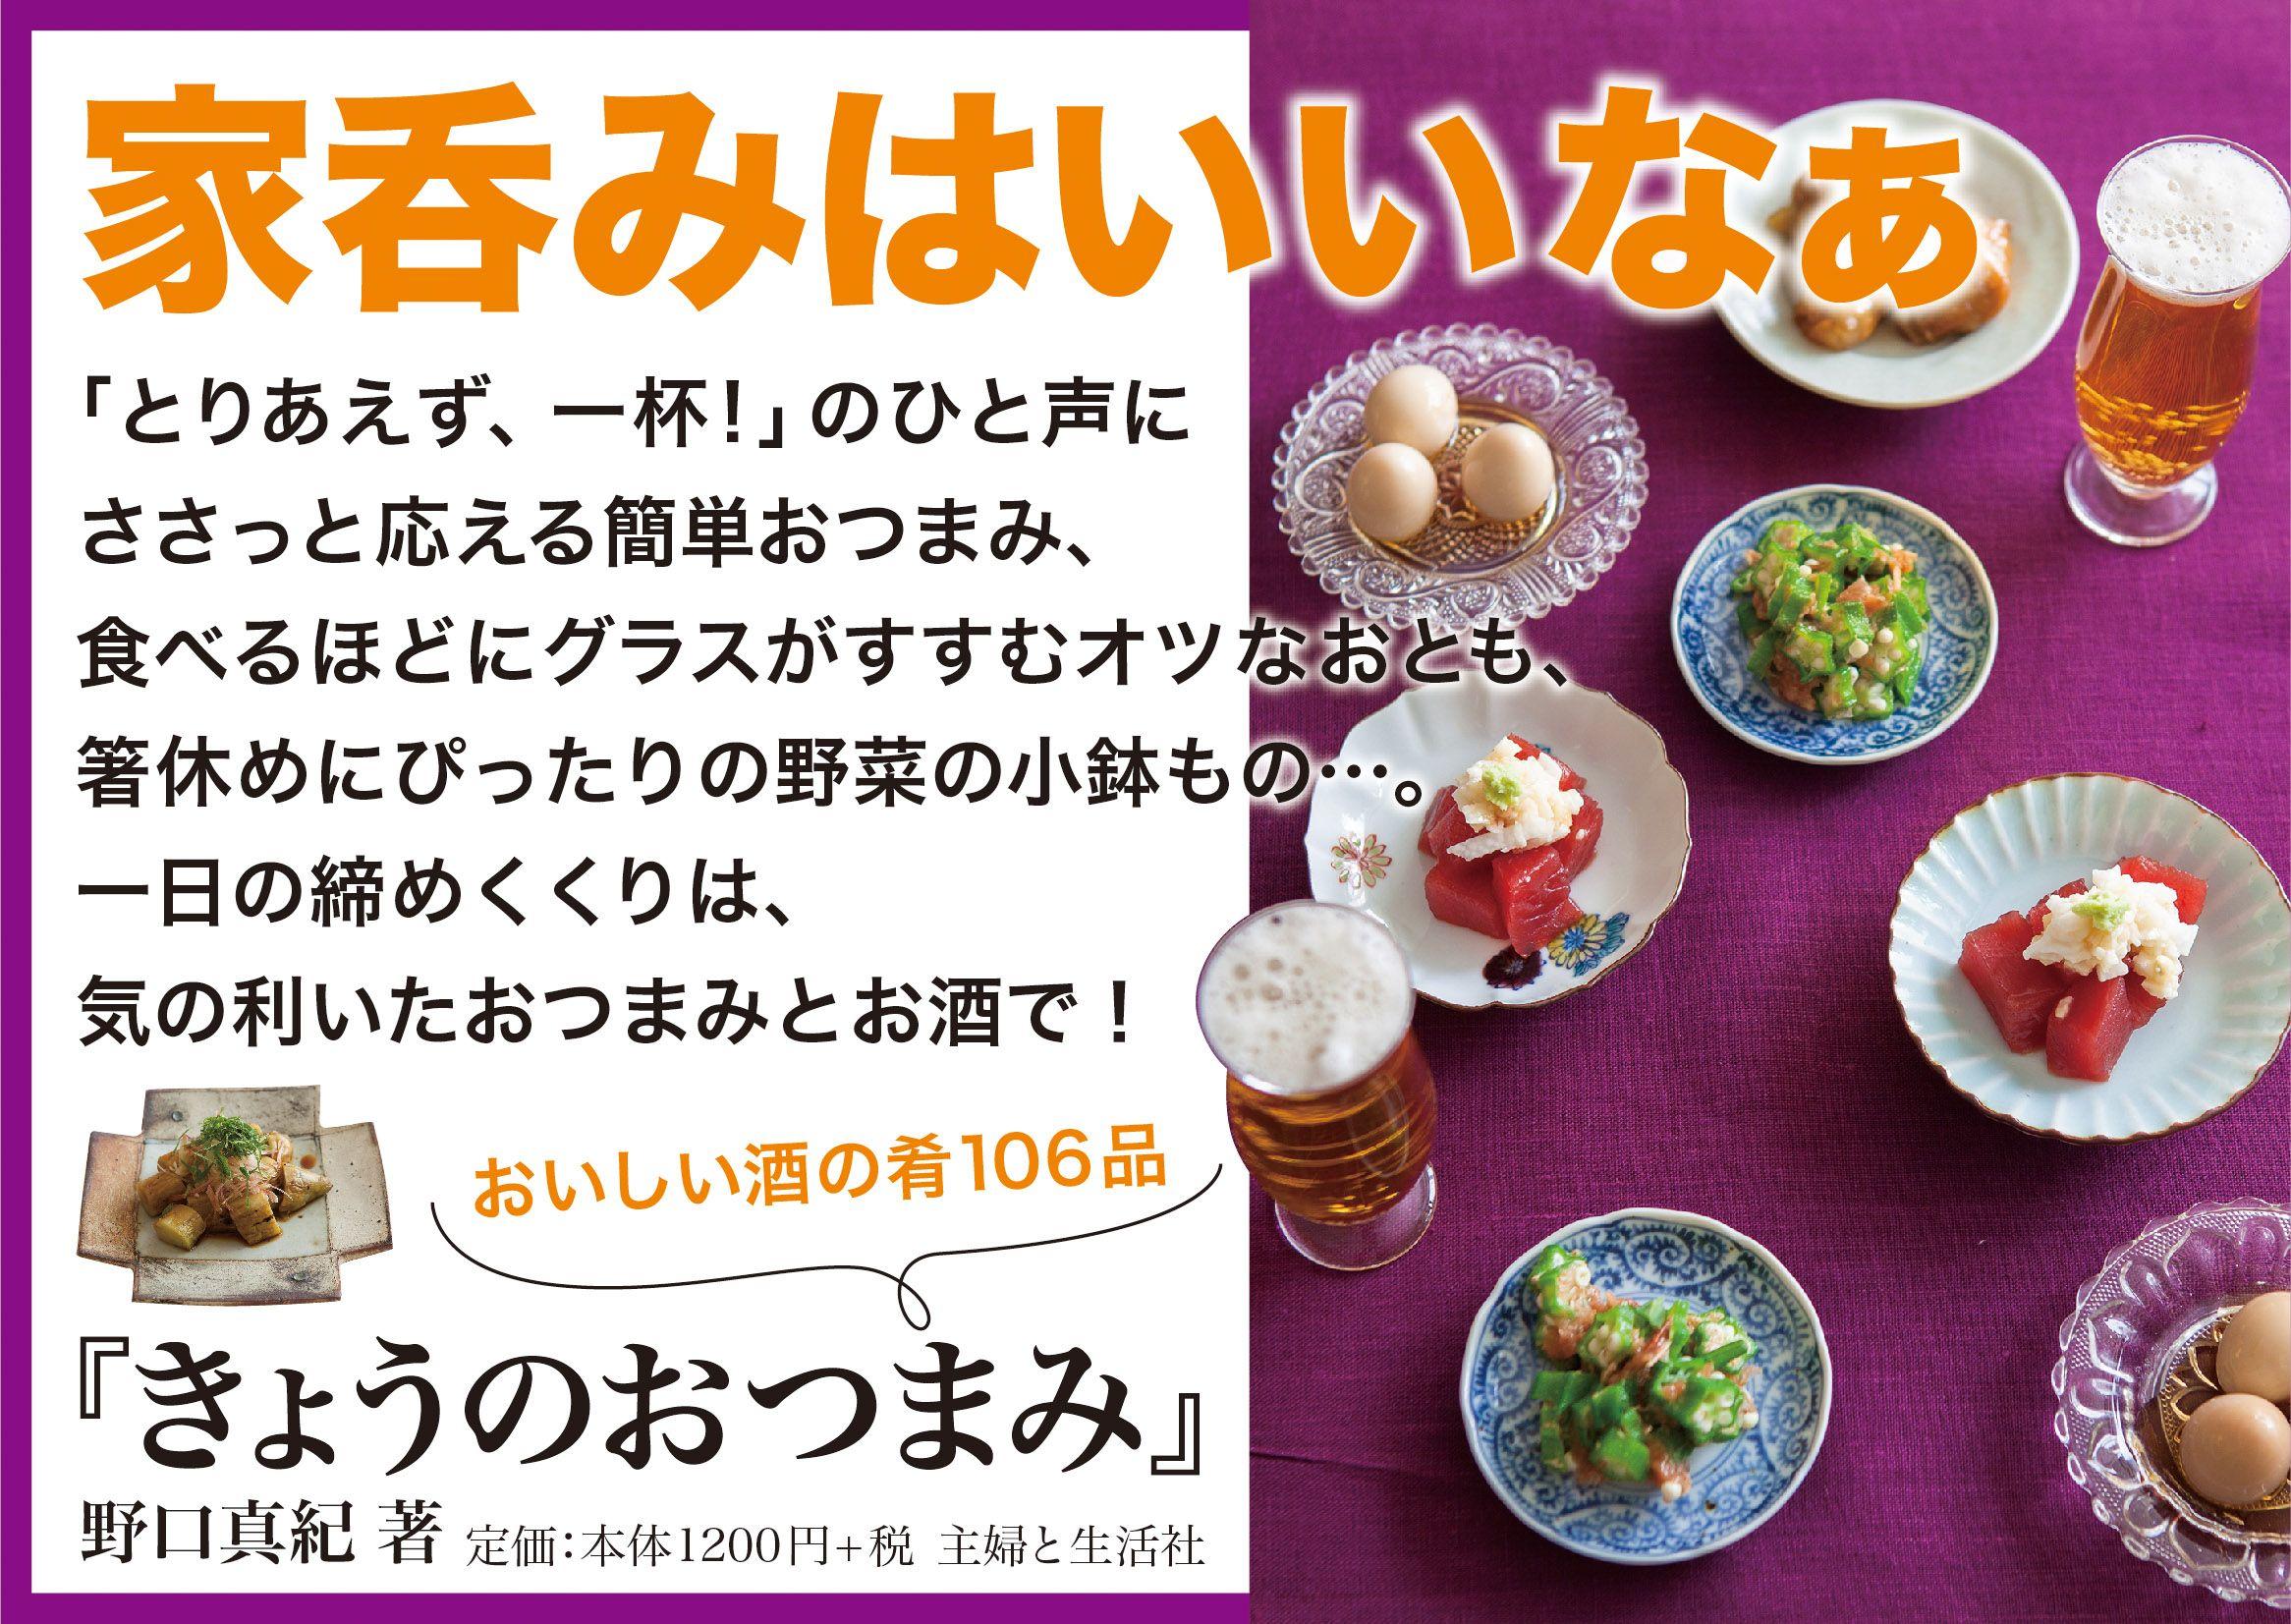 「きょうのおつまみ」 野口真紀著/本体1200円/2014年5月23日発売